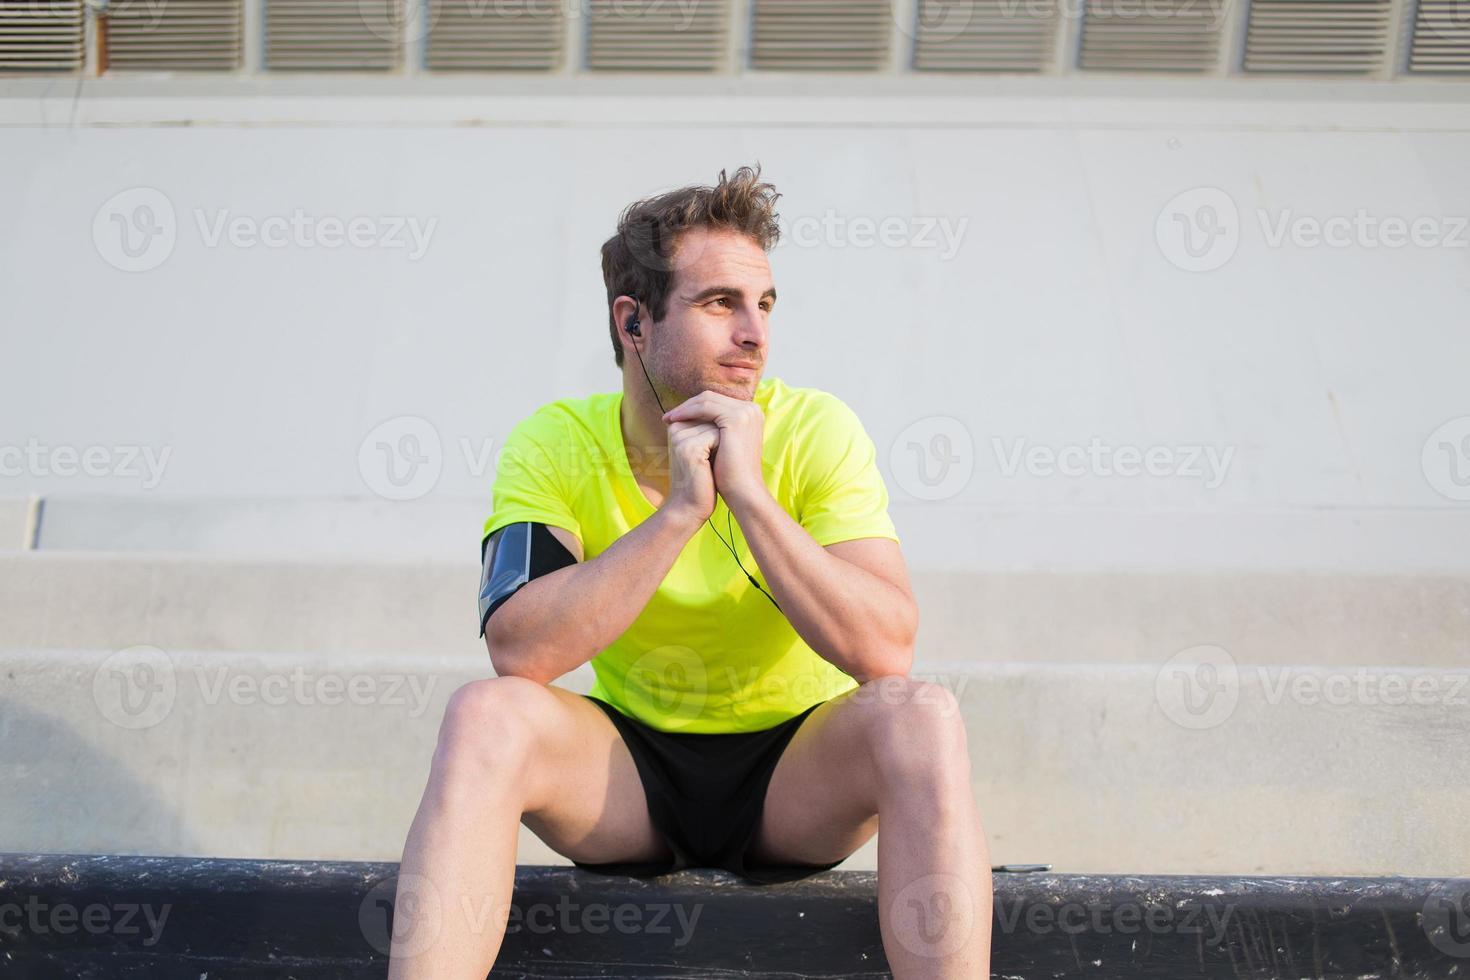 soddisfatto il suo atleta di allenamento godendo il riposo all'aperto in una giornata estiva foto